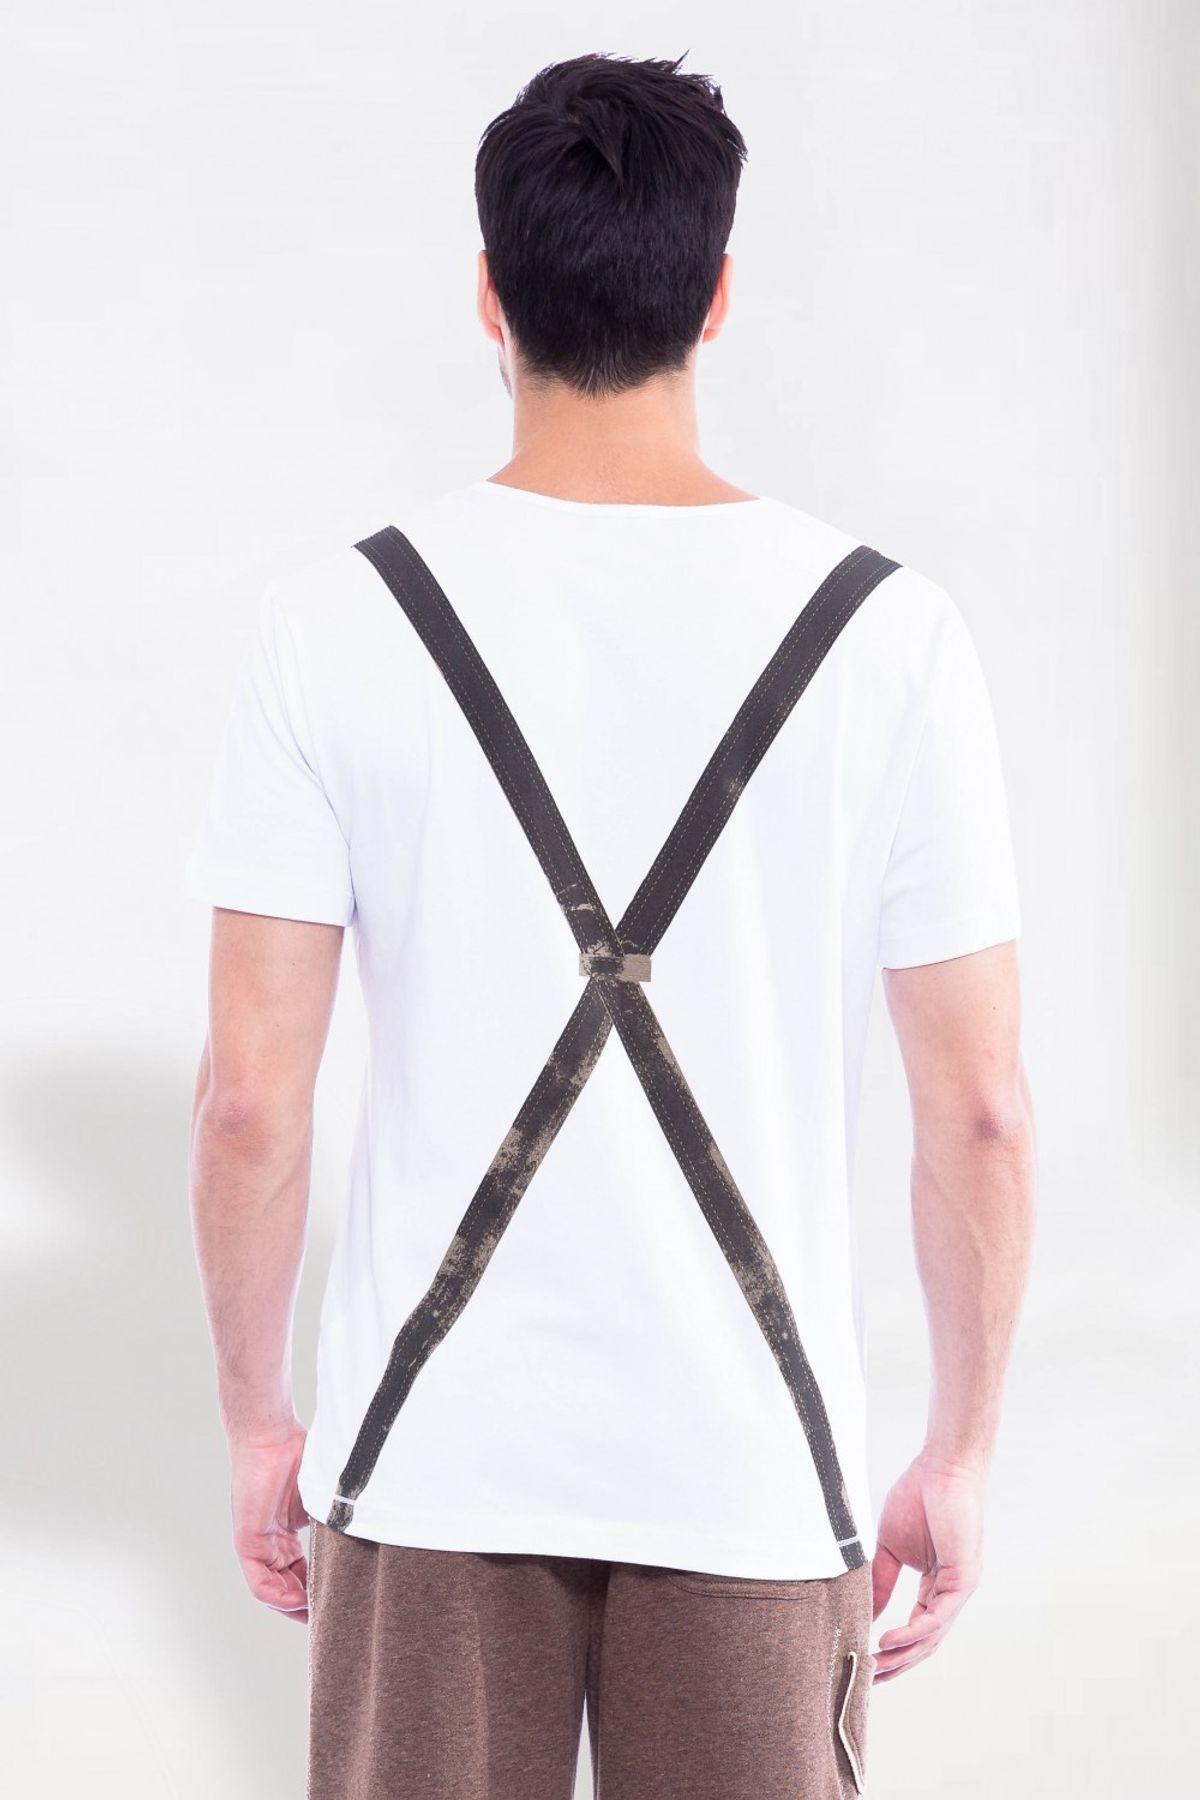 Krüger - Herren Trachten T-Shirt, mit Hosenträger-Print in Weiß, Bua (Artikelnummer: 96170-107) – Bild 2